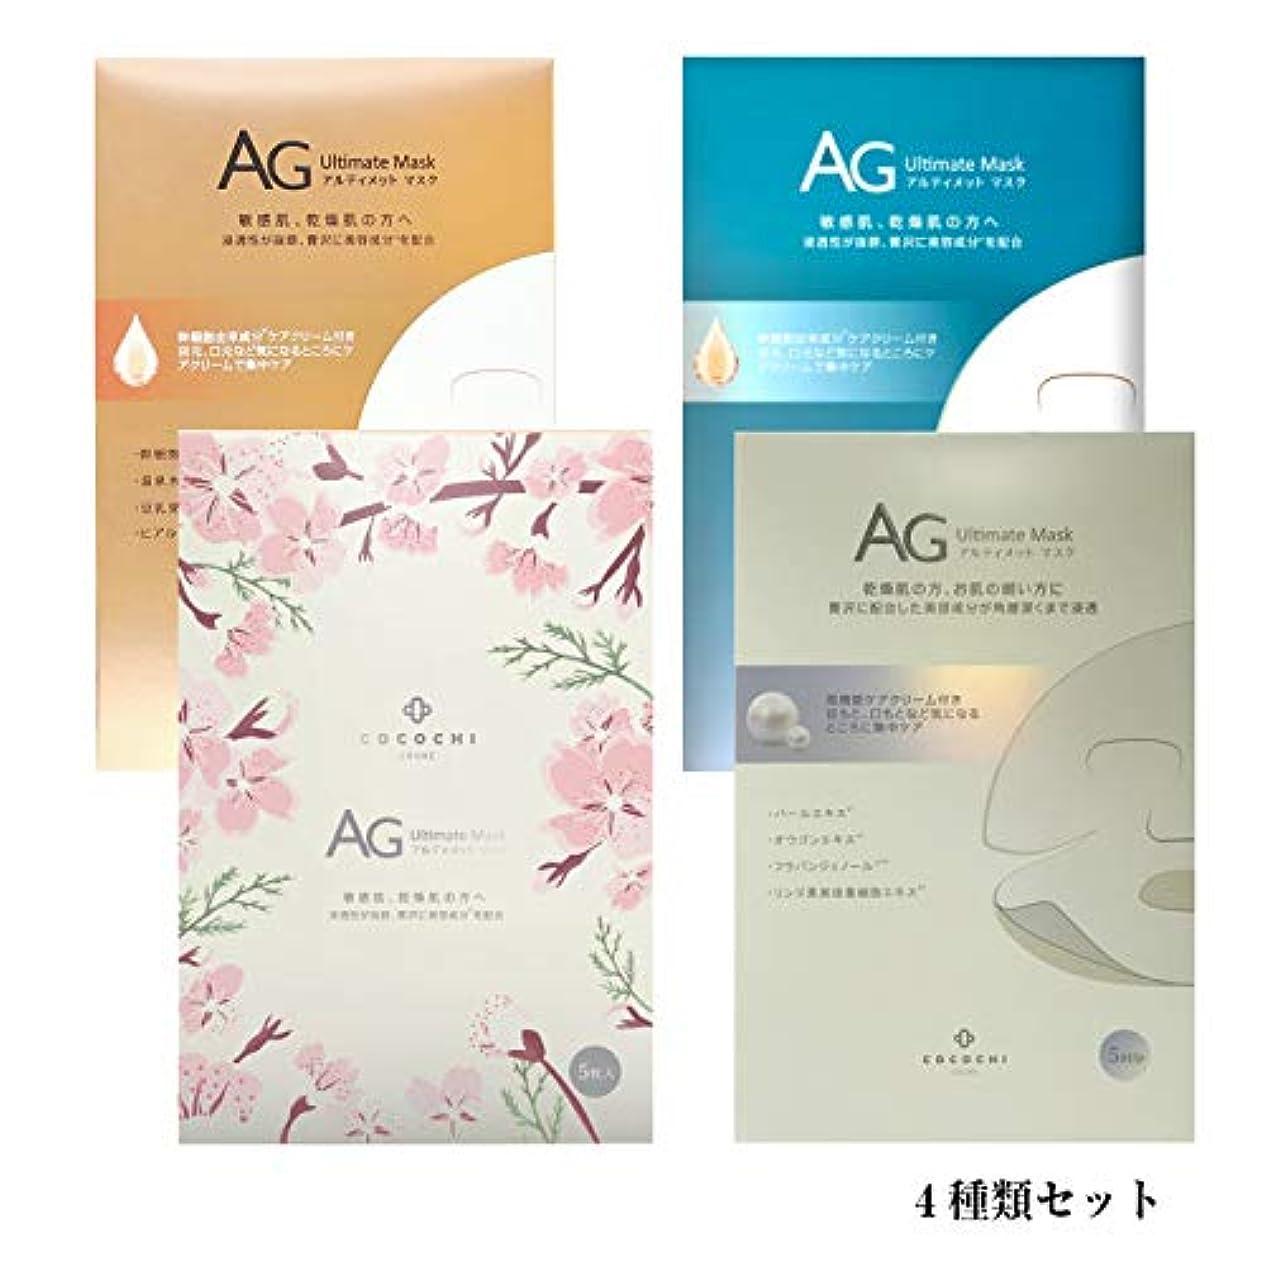 約束するペア多くの危険がある状況AGアルティメットマスク 4種類セット AG アルティメットマスク/オーシャンマスク/さくら/アコヤ真珠マスク